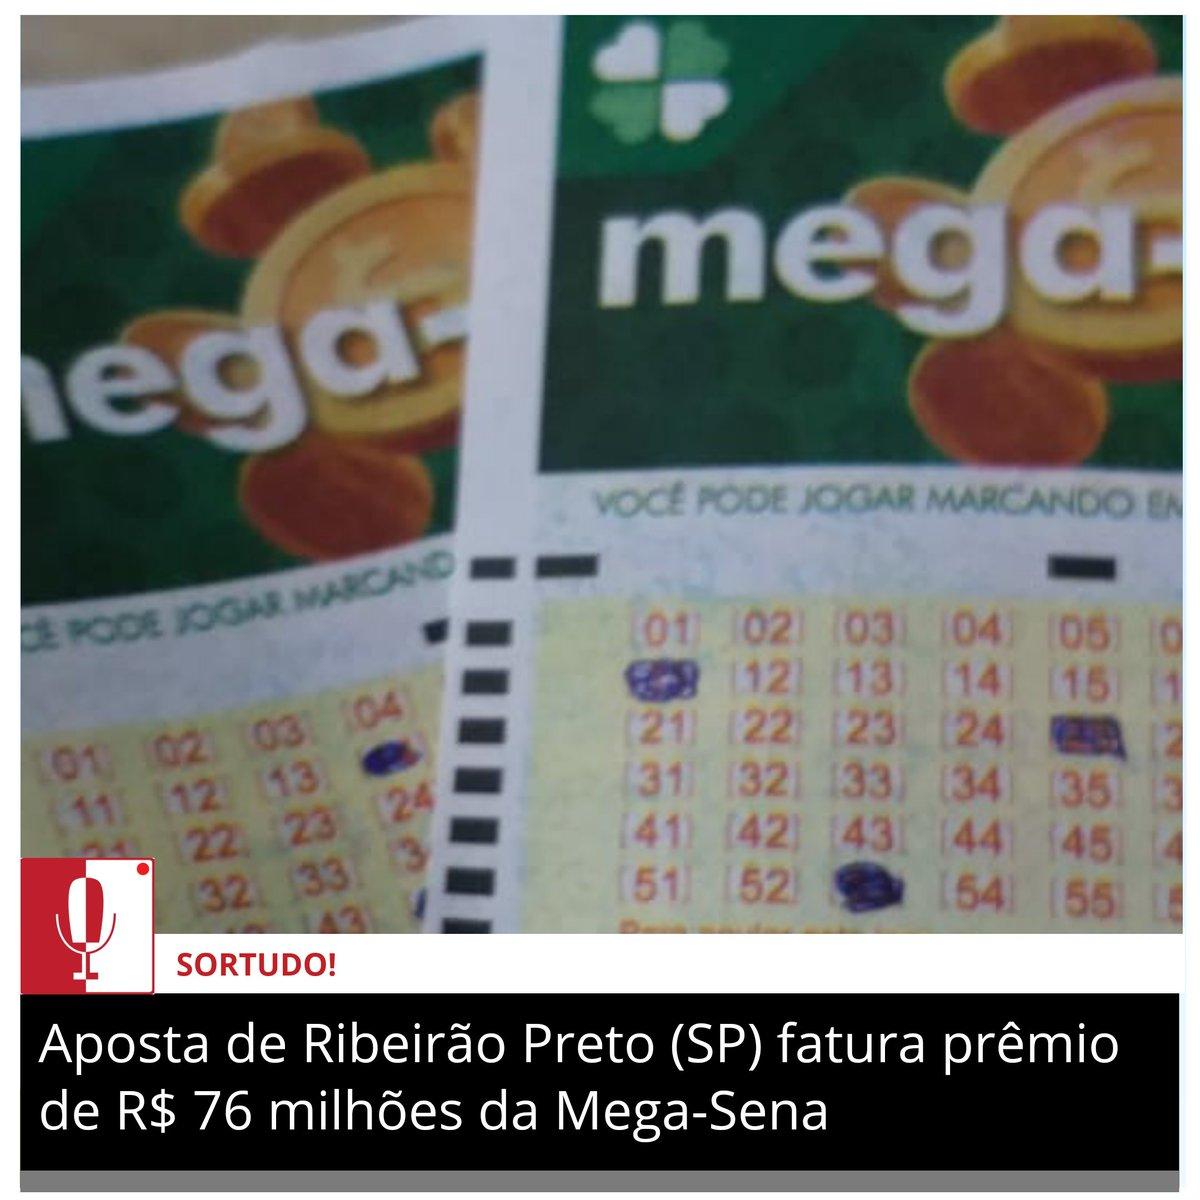 SORTUDO🍀 Uma aposta de Ribeirão Preto (SP) acertou as seis dezenas sorteadas (06-30-35-39-42-48) sorteadas pela Caixa no sábado (21) e vai receber o prêmio de R$ 76.128.023,58 do concurso 2320 da Mega-Sena... https://t.co/HbF7JsqhpQ  #MegaSena #Loterias #Caixa https://t.co/yGloQcahRR